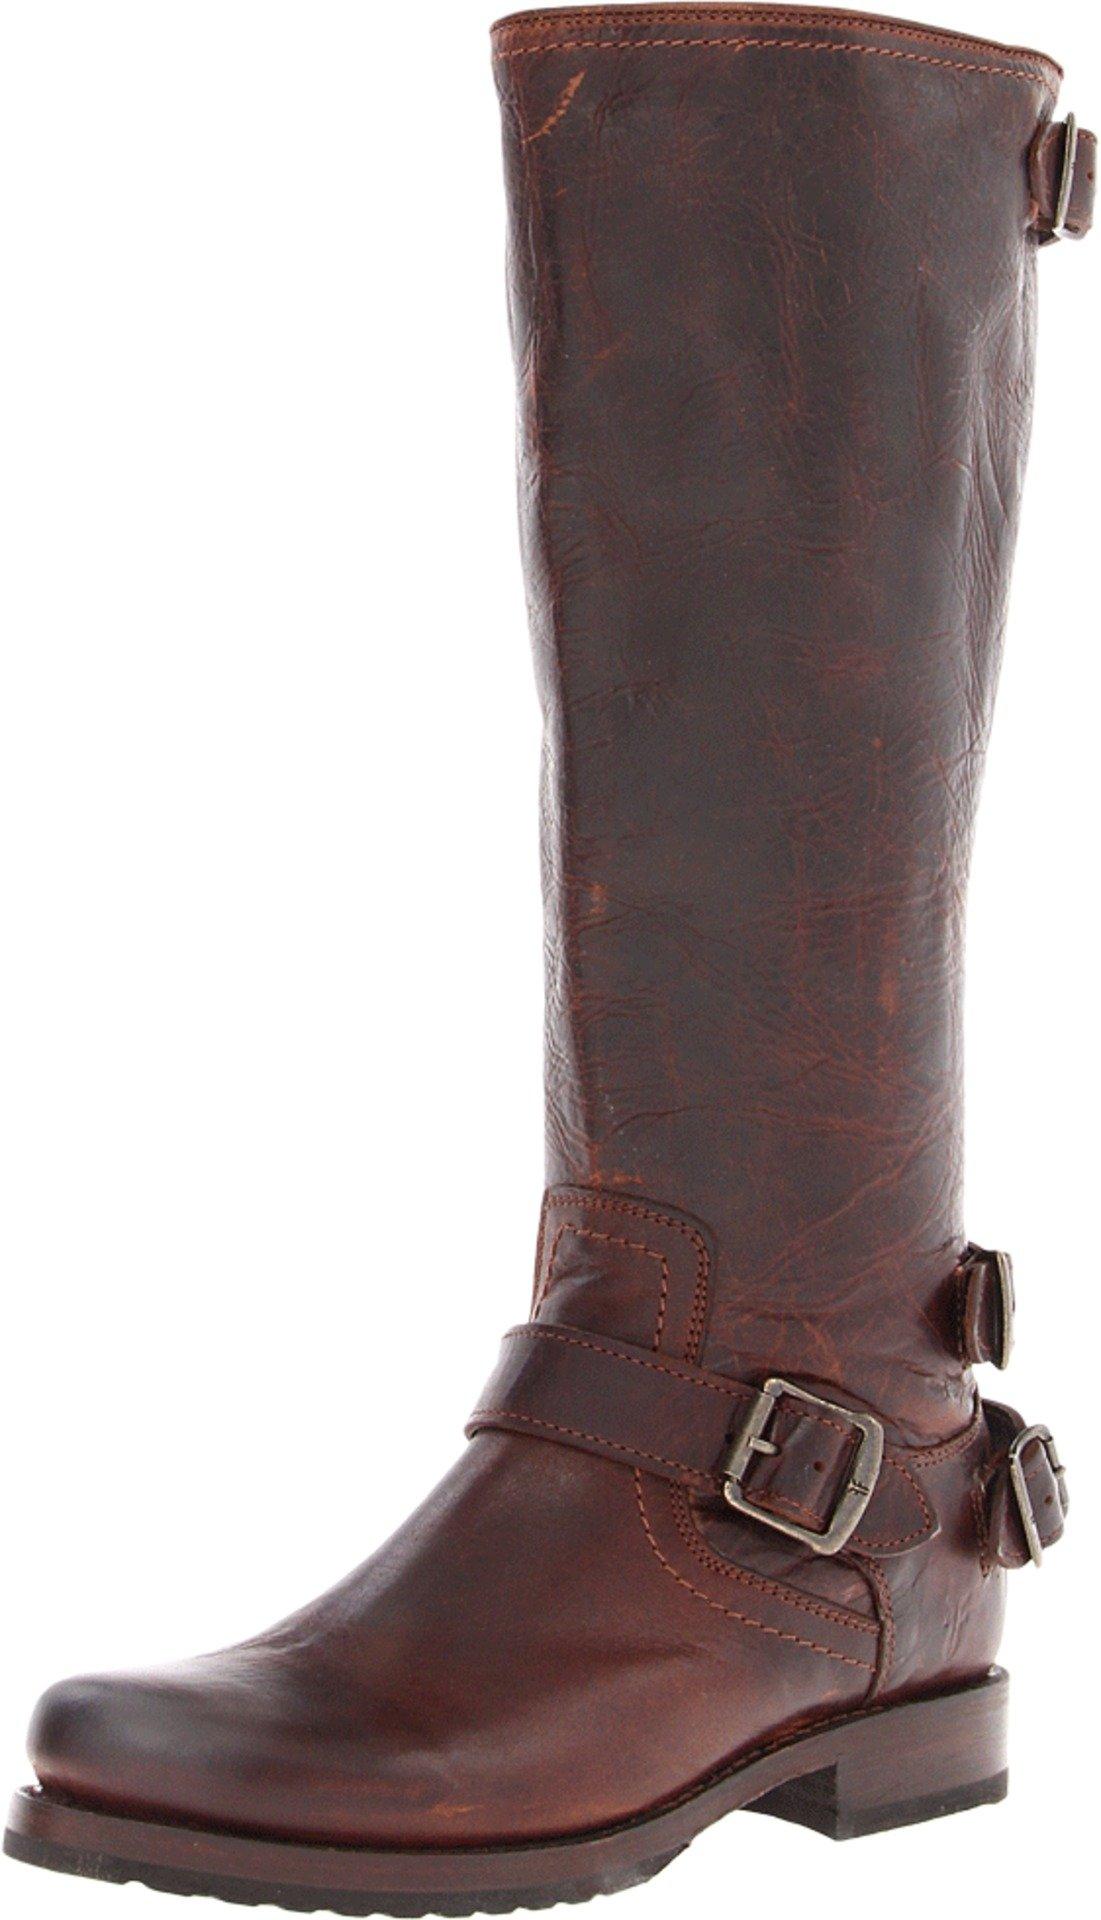 FRYE Women's Veronica Back-Zip Boot